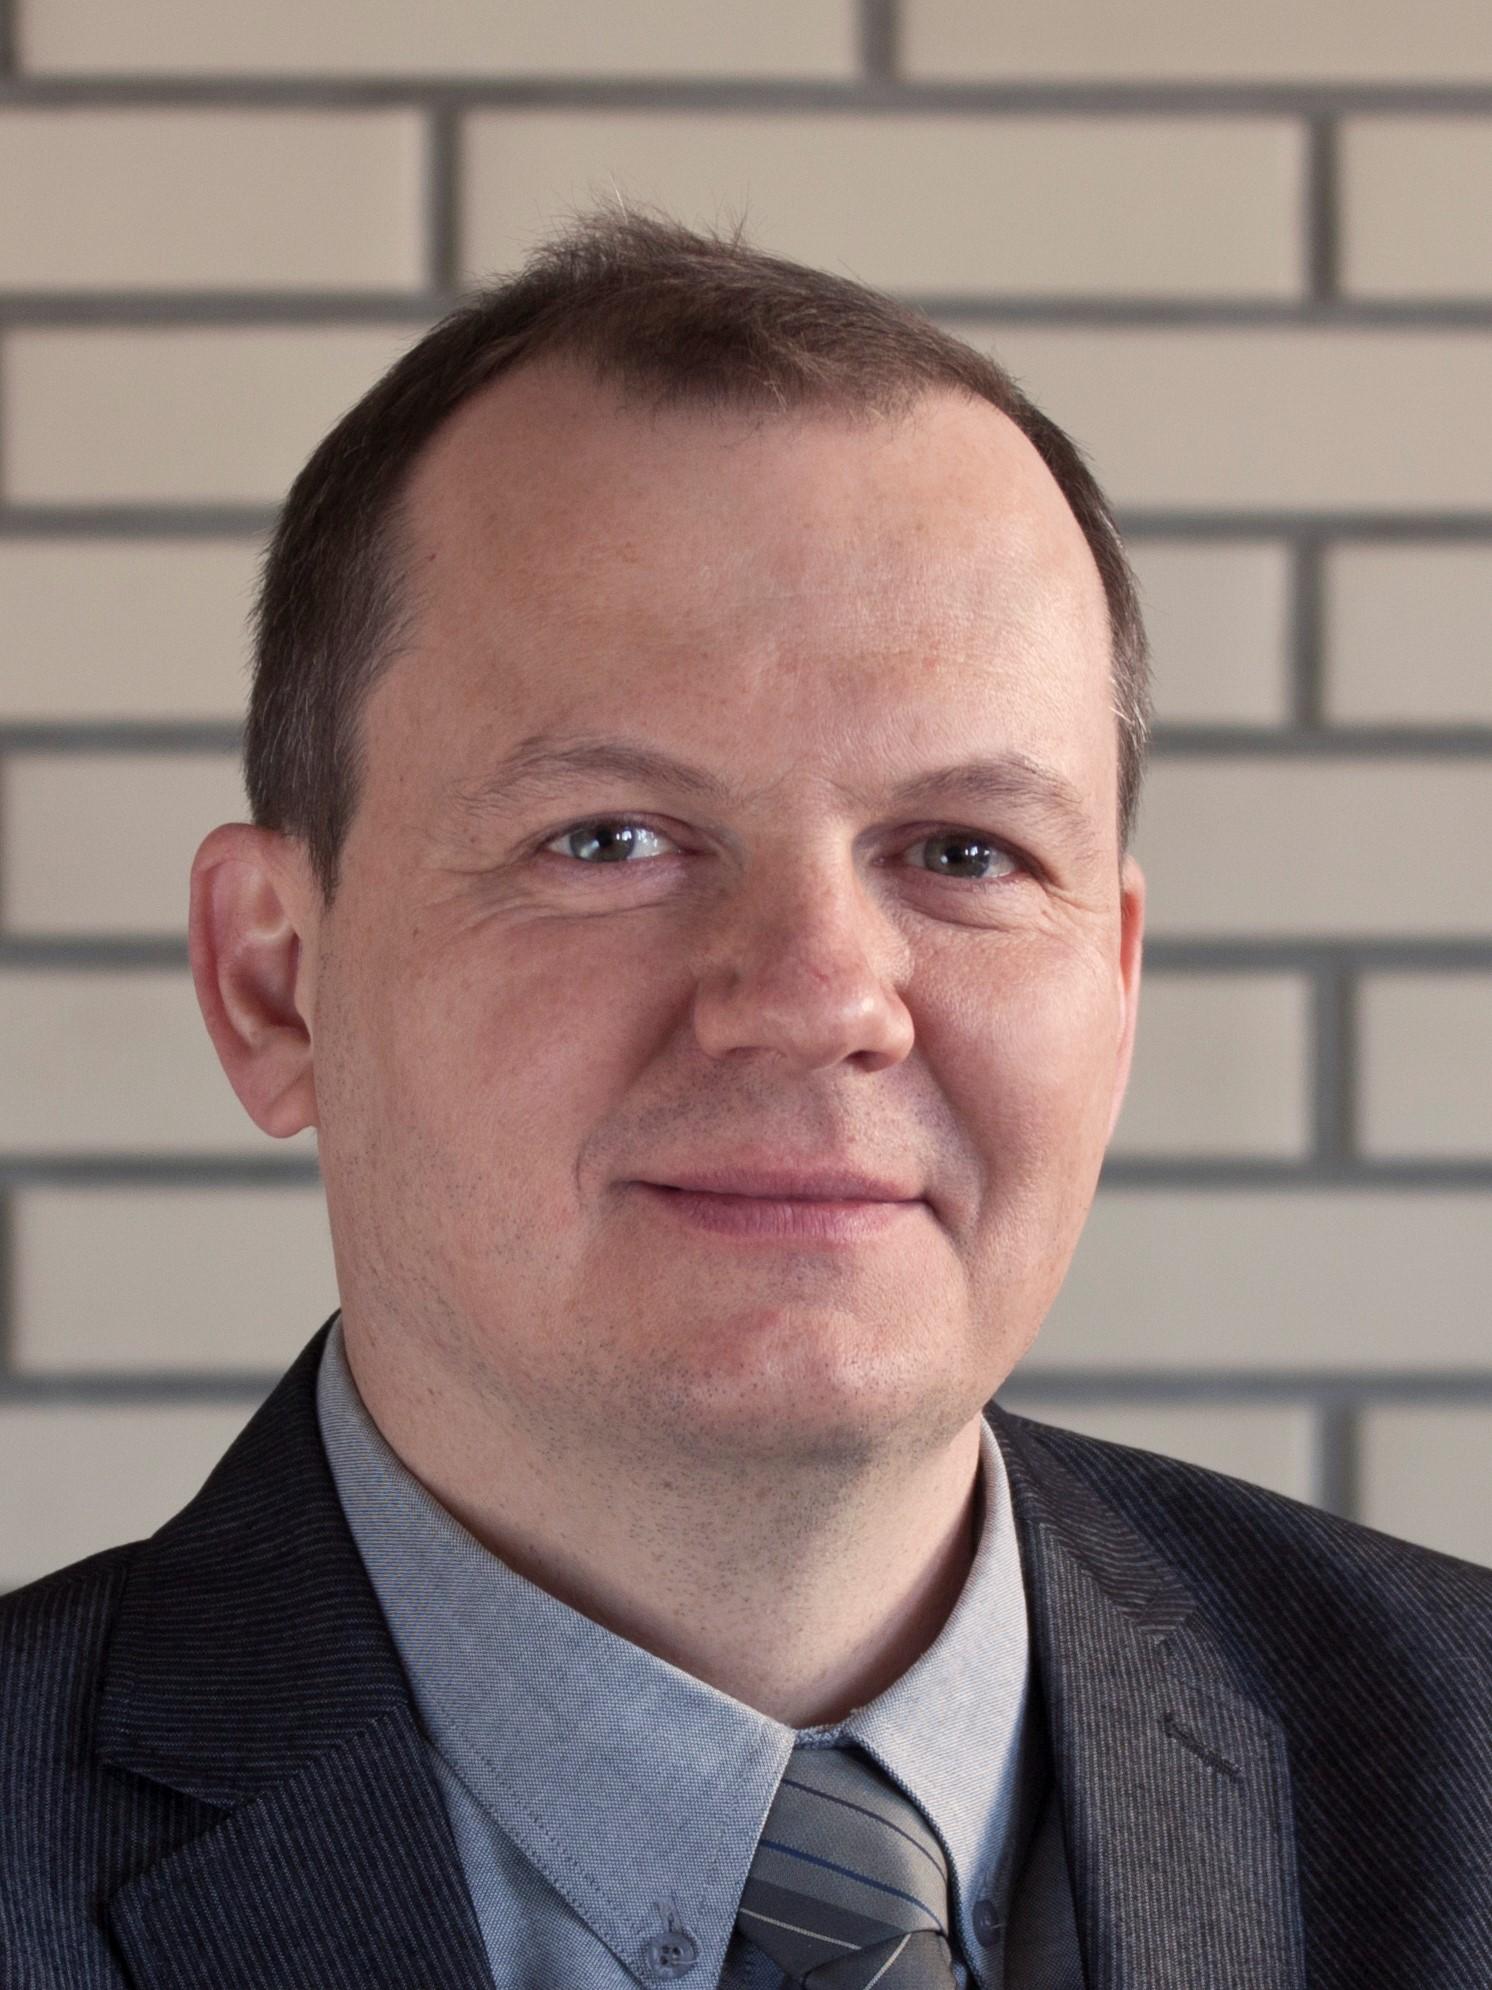 Roman Tereszczak